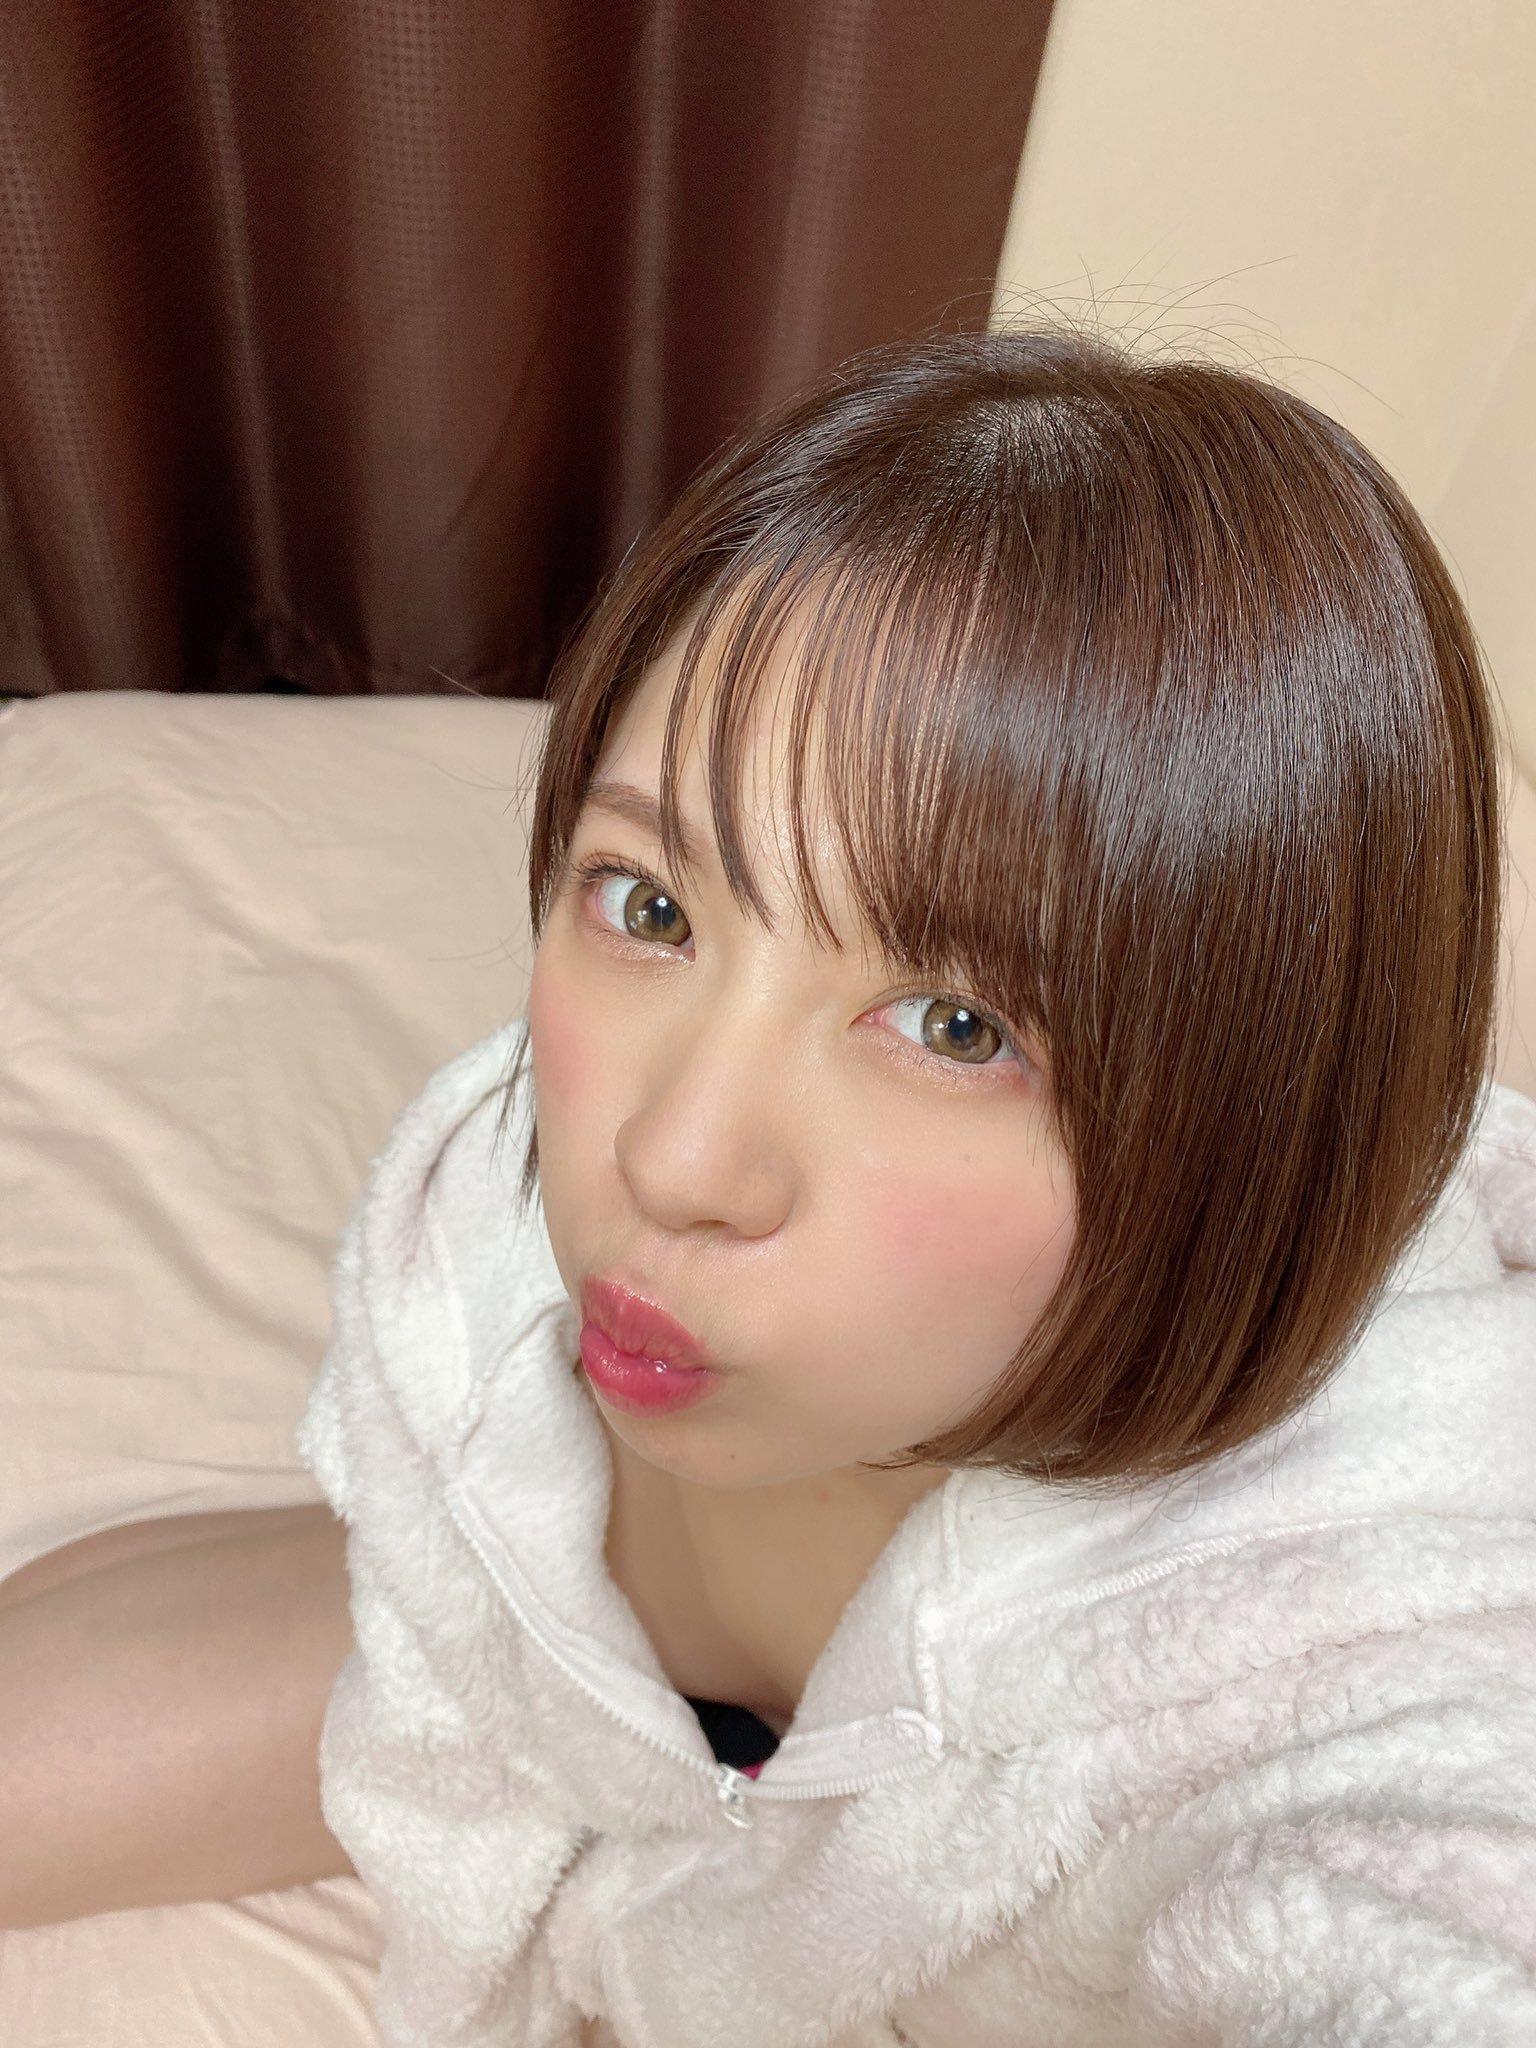 深田咏美再现魅魔 葵铃奈瘦小水着插图(50)